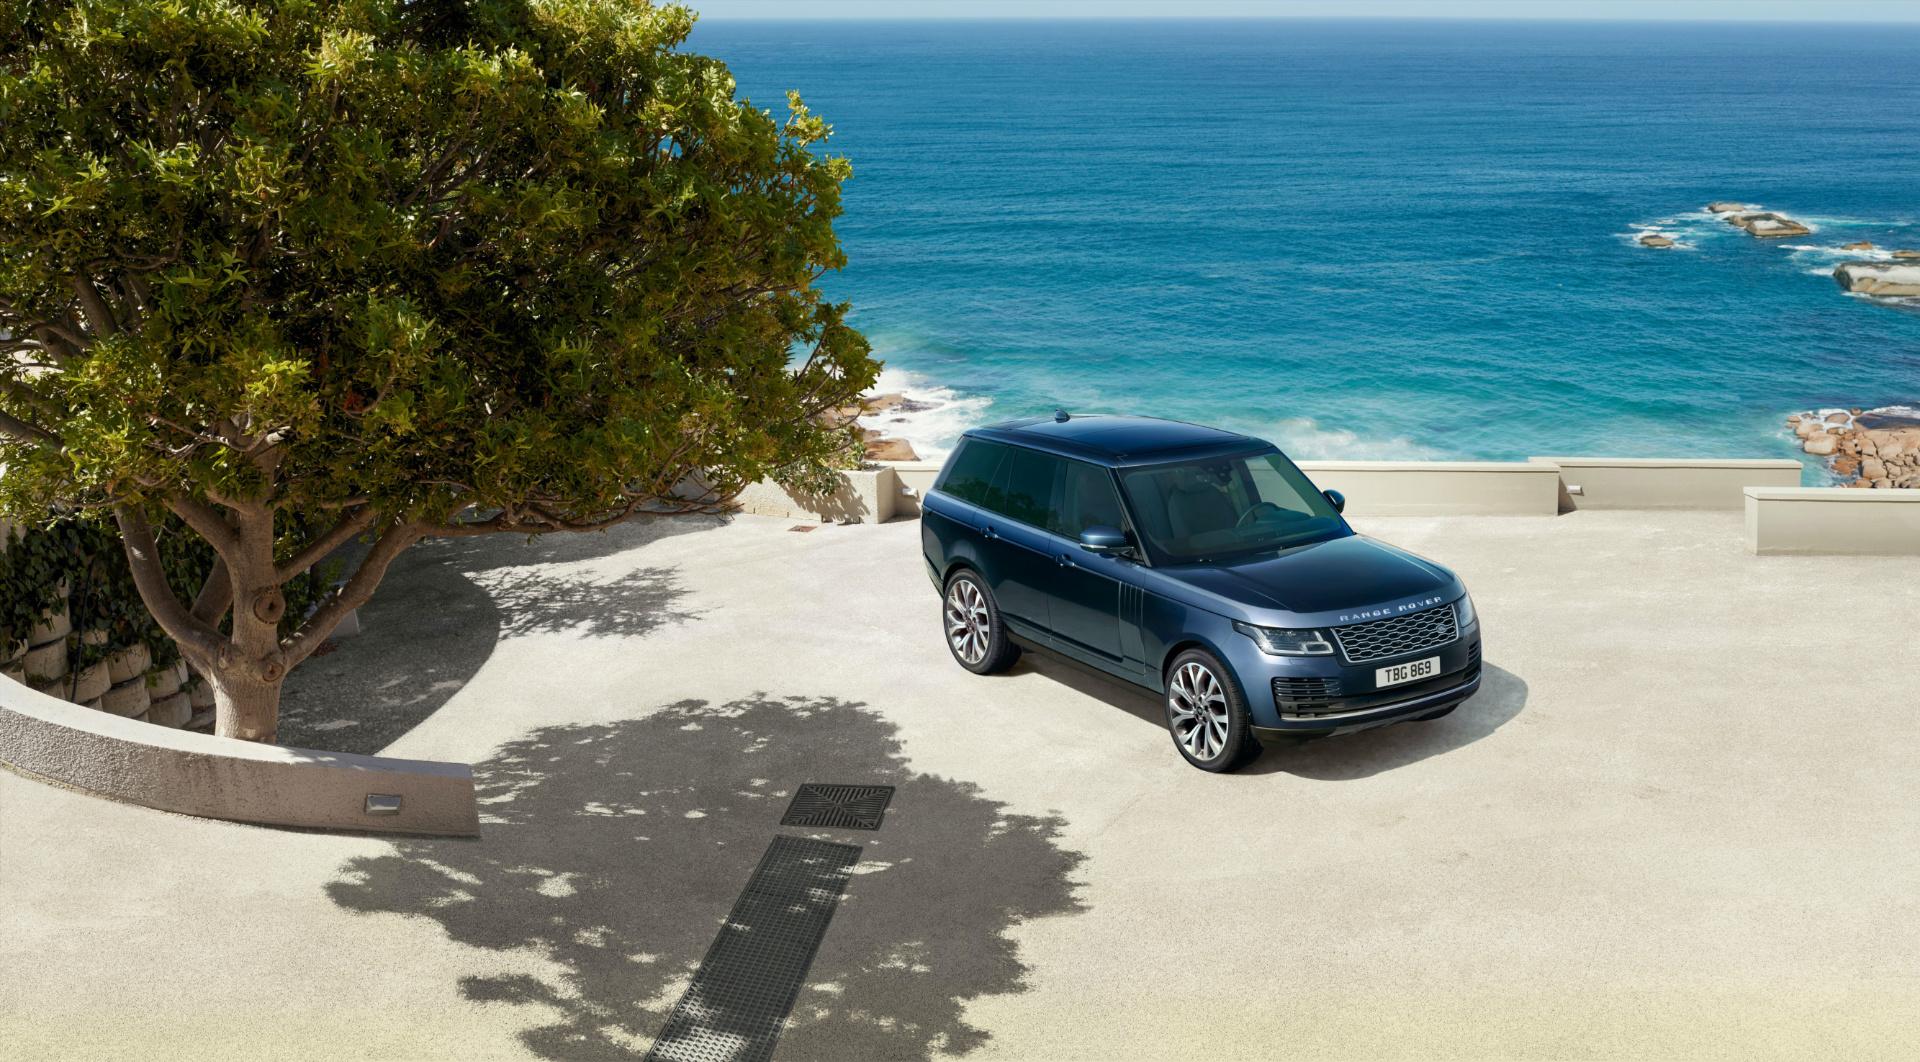 Range Rover Westminster Türkiye'de